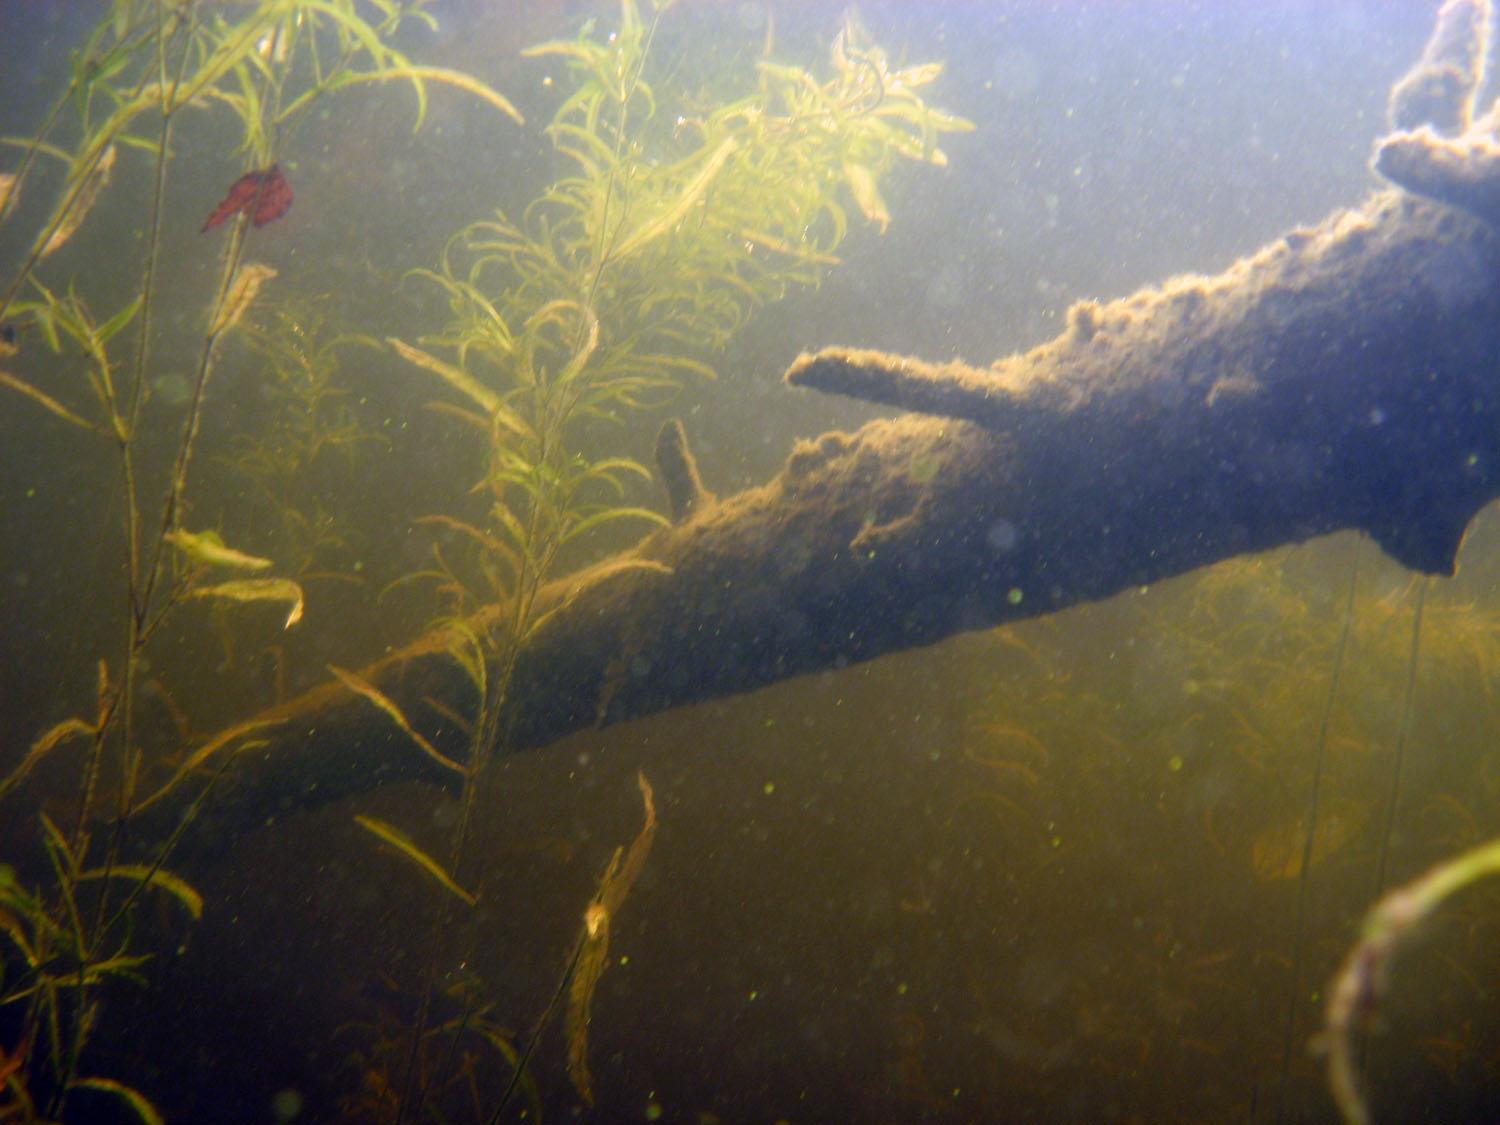 Фото в пресной воде